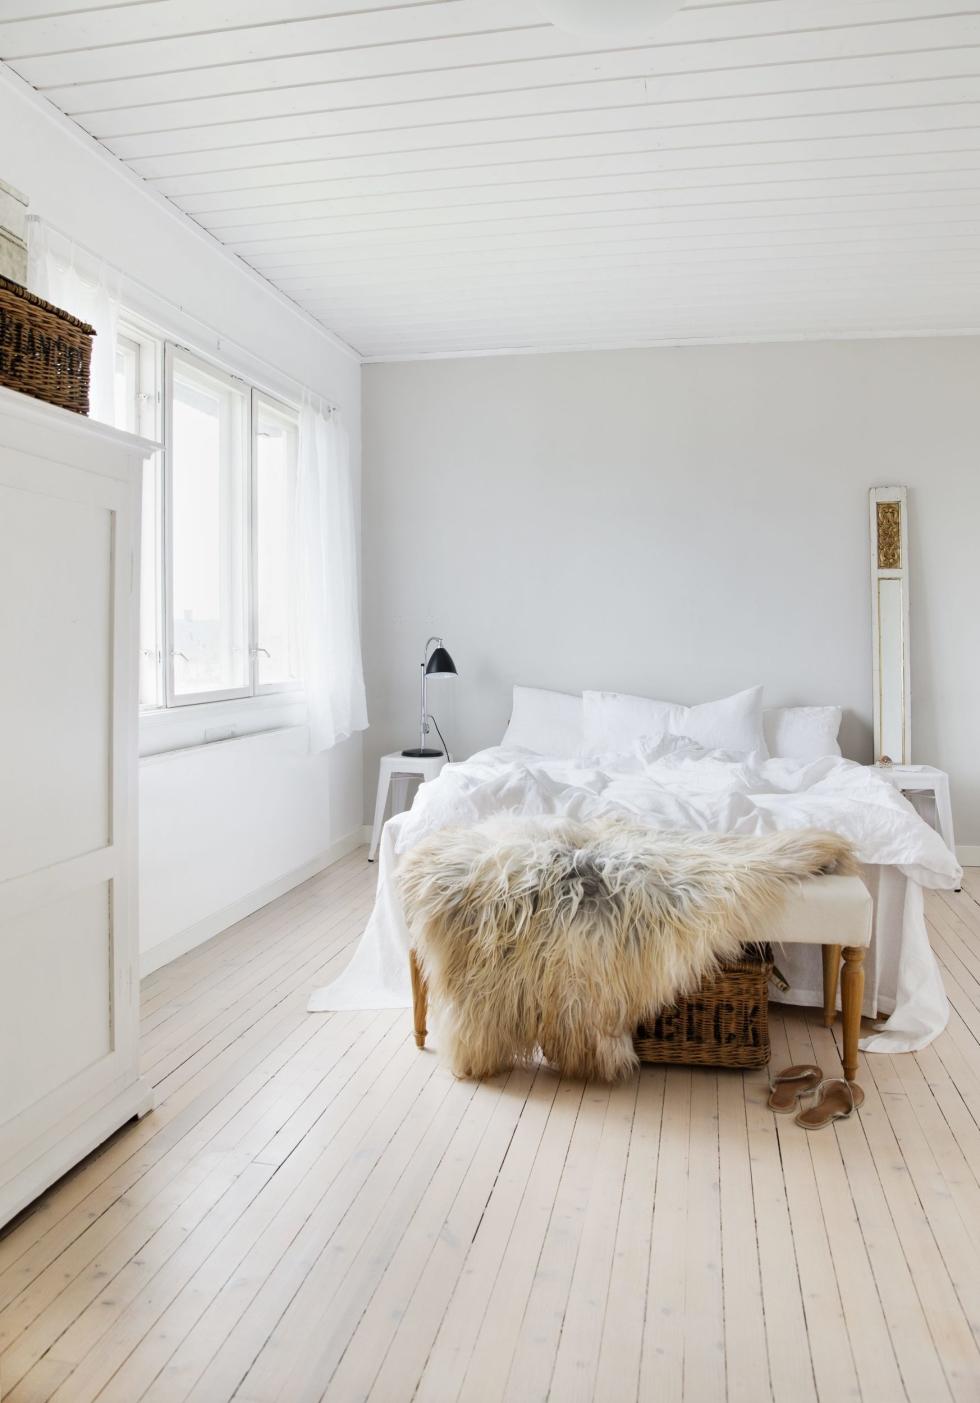 Dormitorio blanco de estilo nórdico con paleta de colores claros